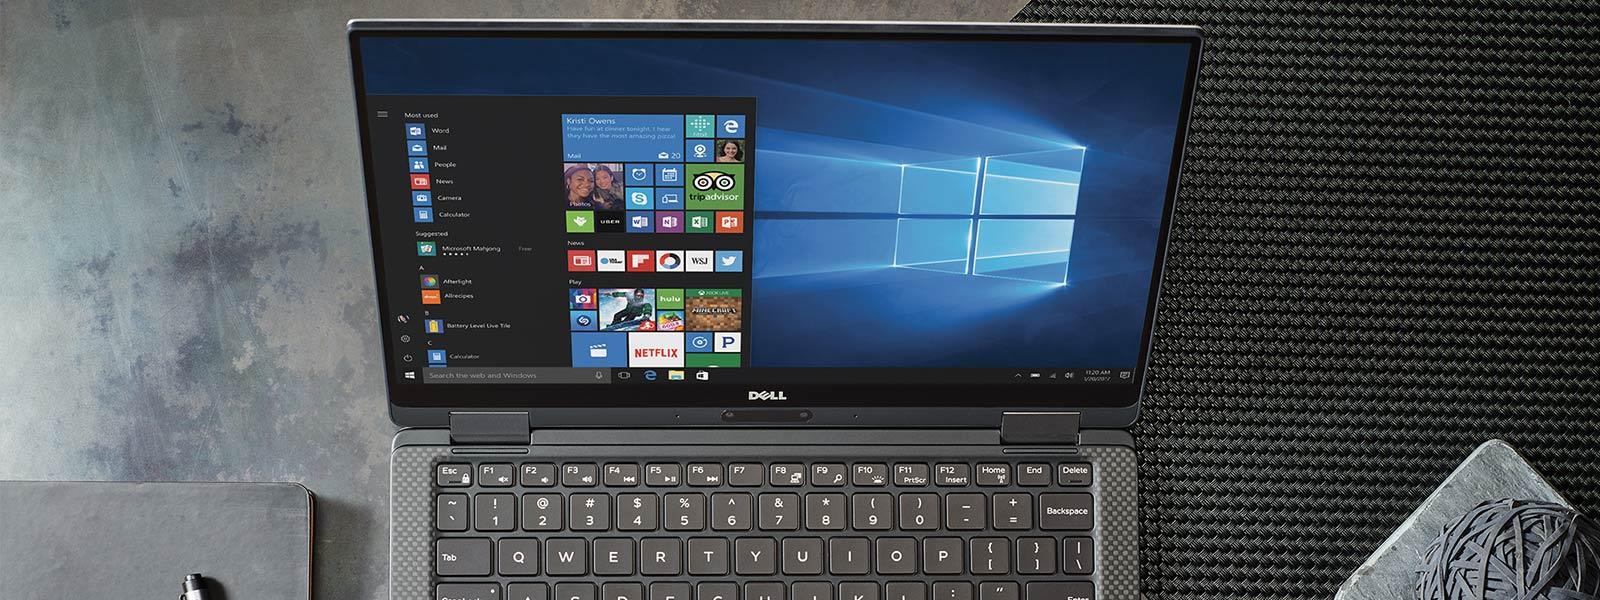 Windows 10 スタート画面を表示しているデバイス